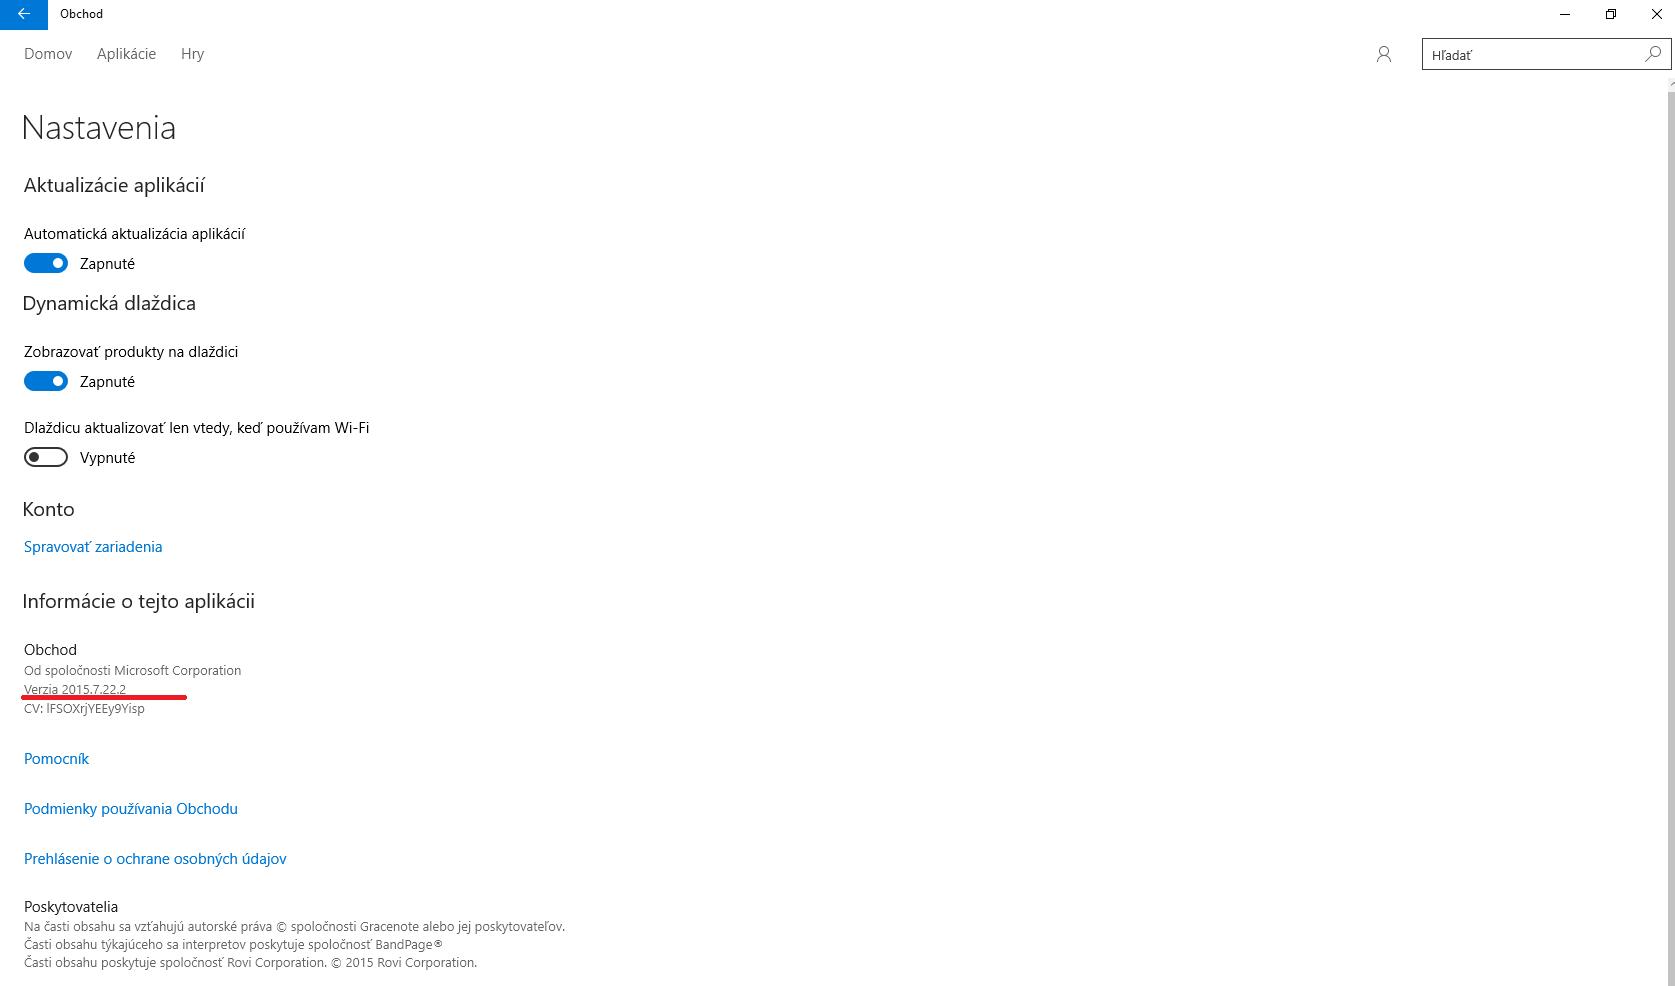 Carbon-14 dátumové údaje definícia